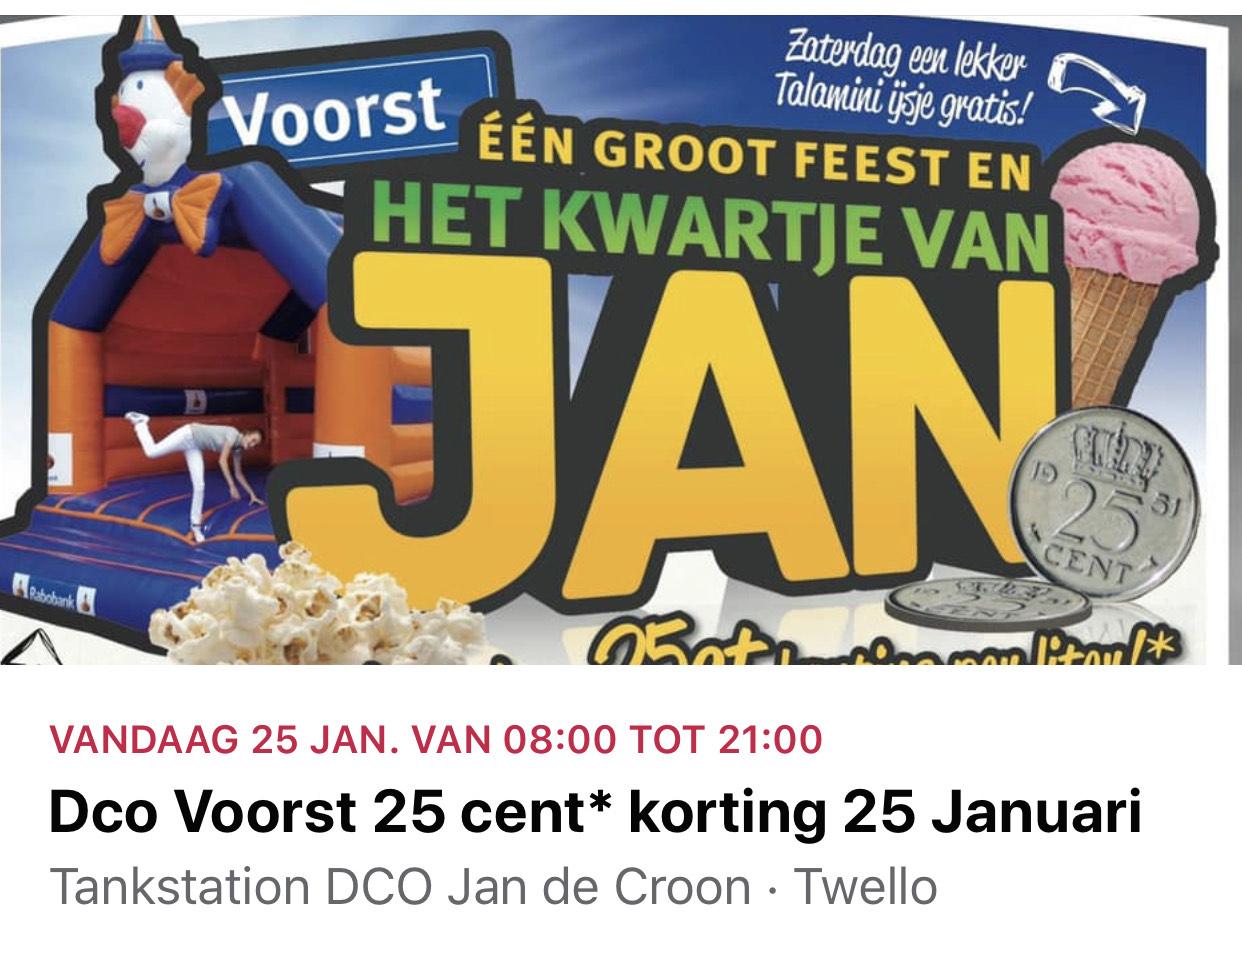 Vandaag! VOORST Brandstof korting €0,25 p.l. Op adviesprijs